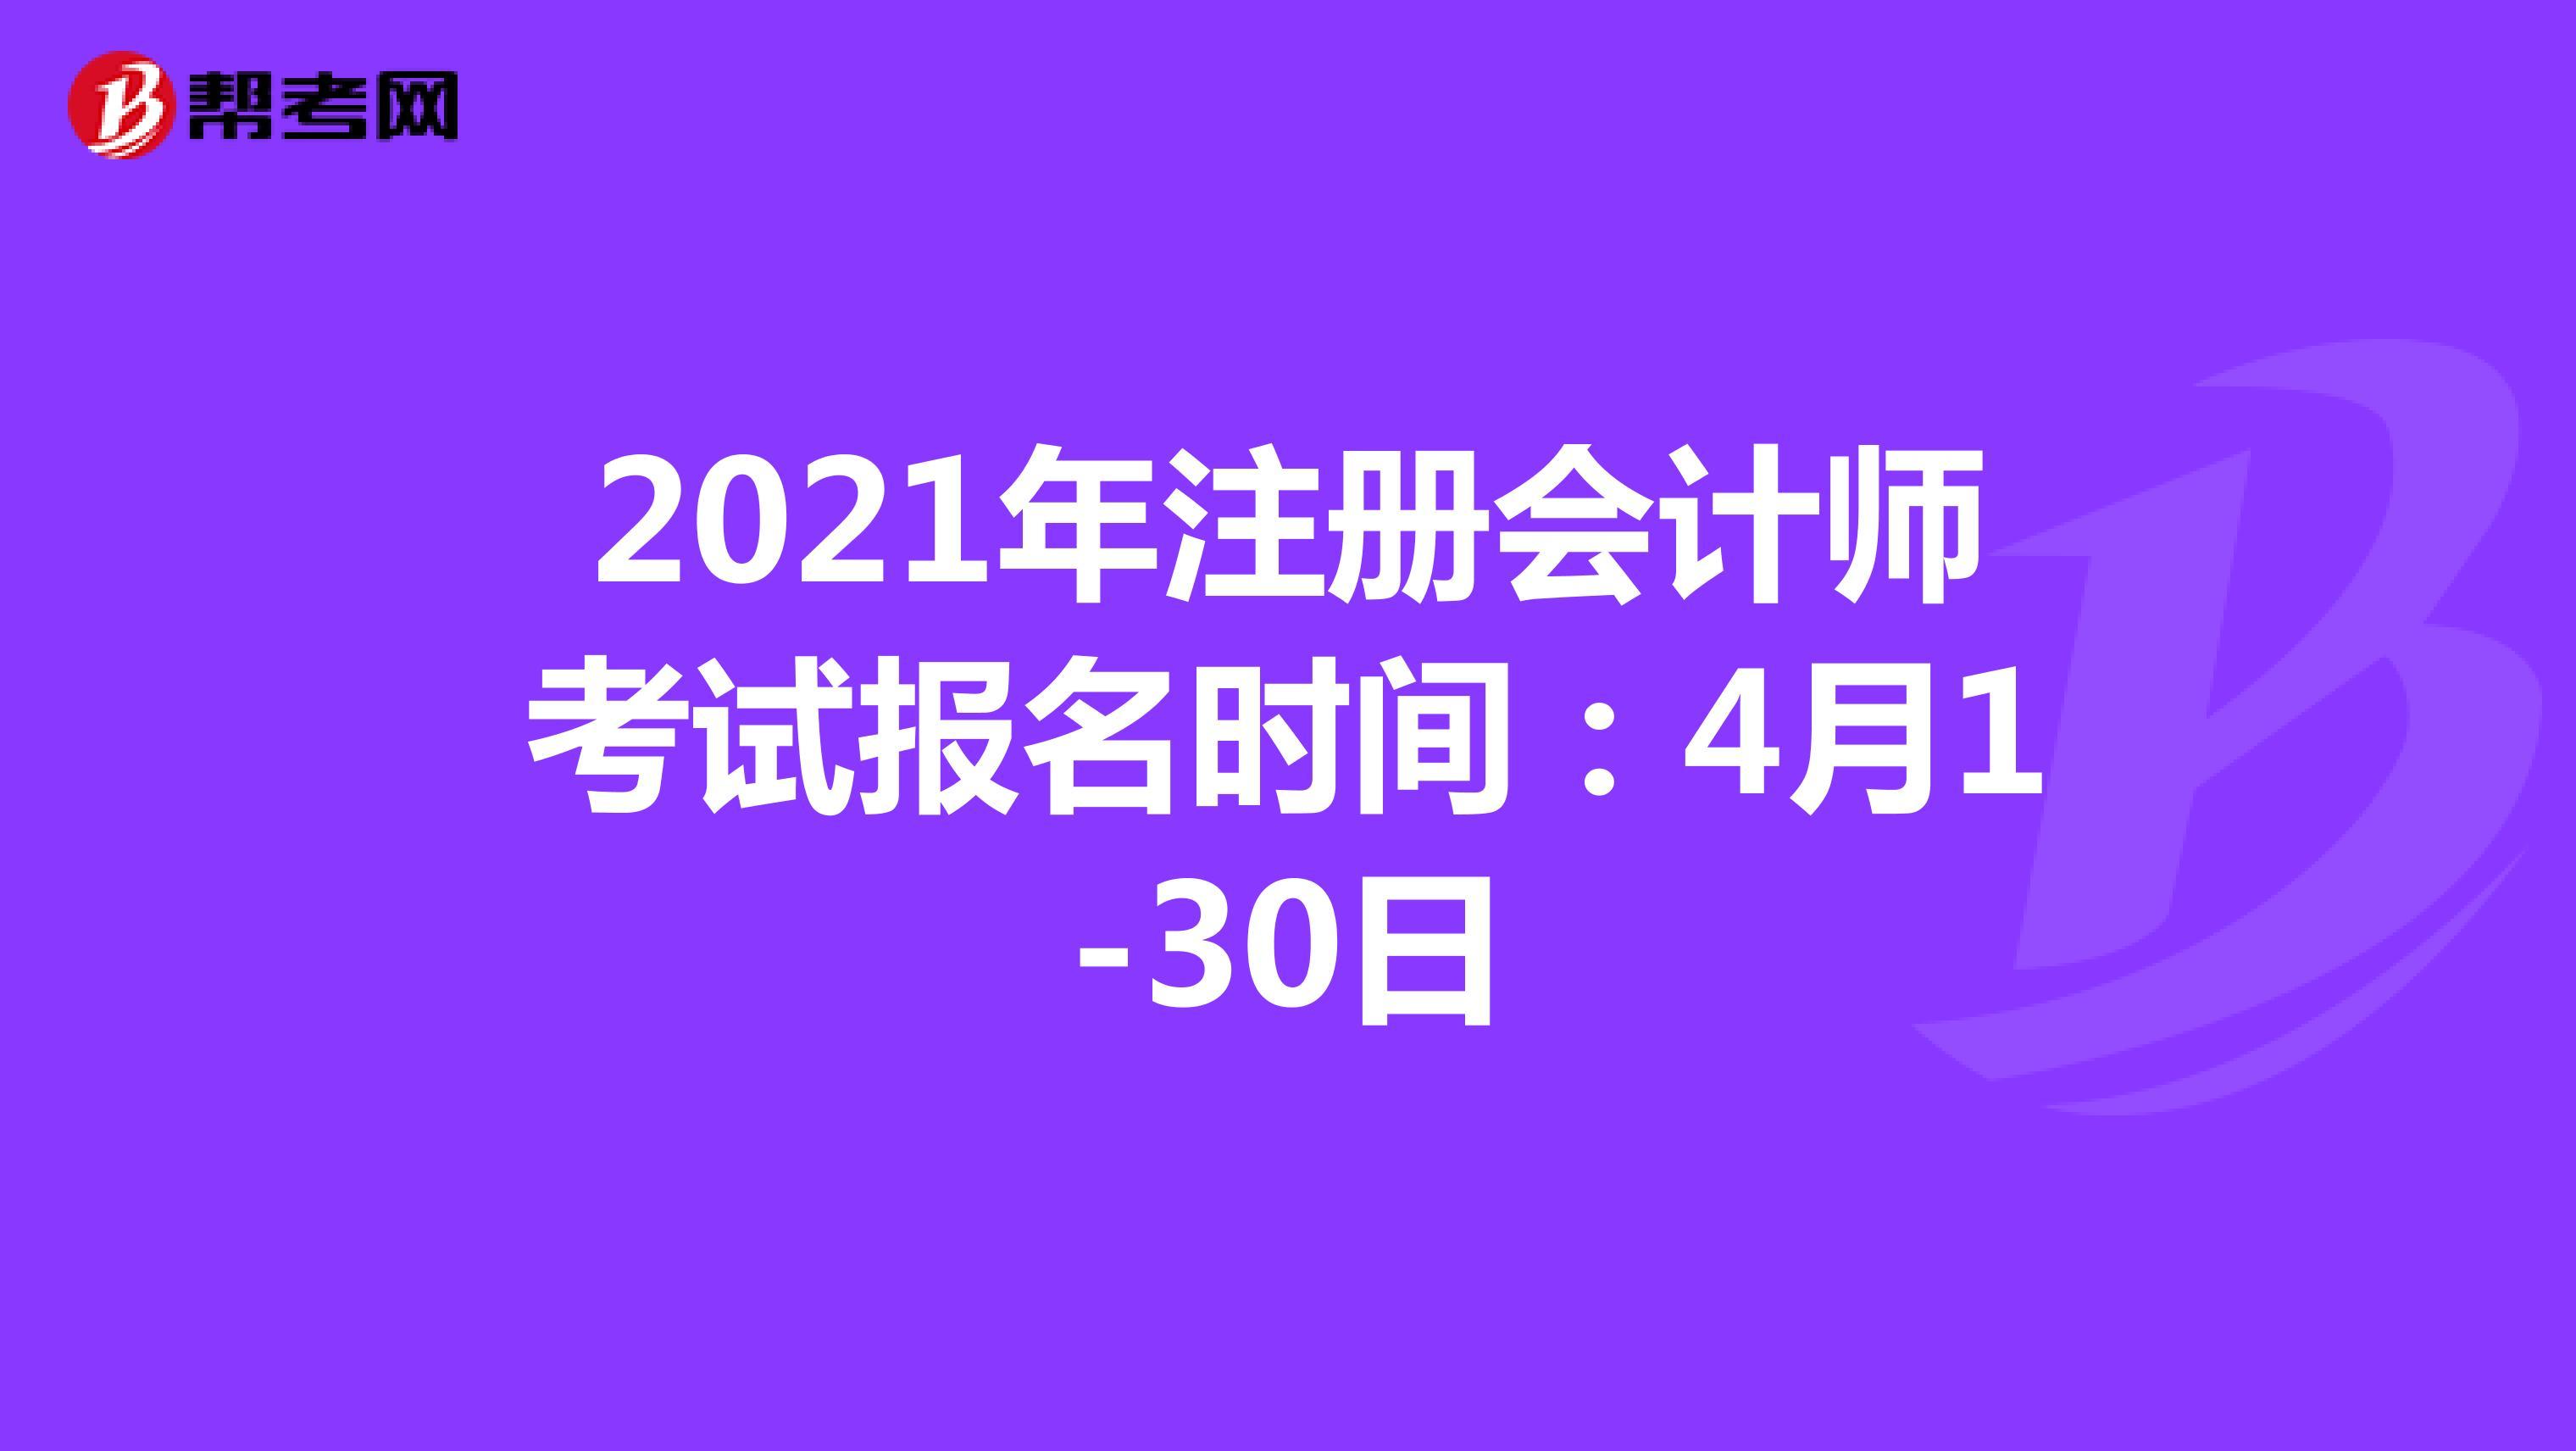 2021年注冊會計師考試報名時間:4月1-30日